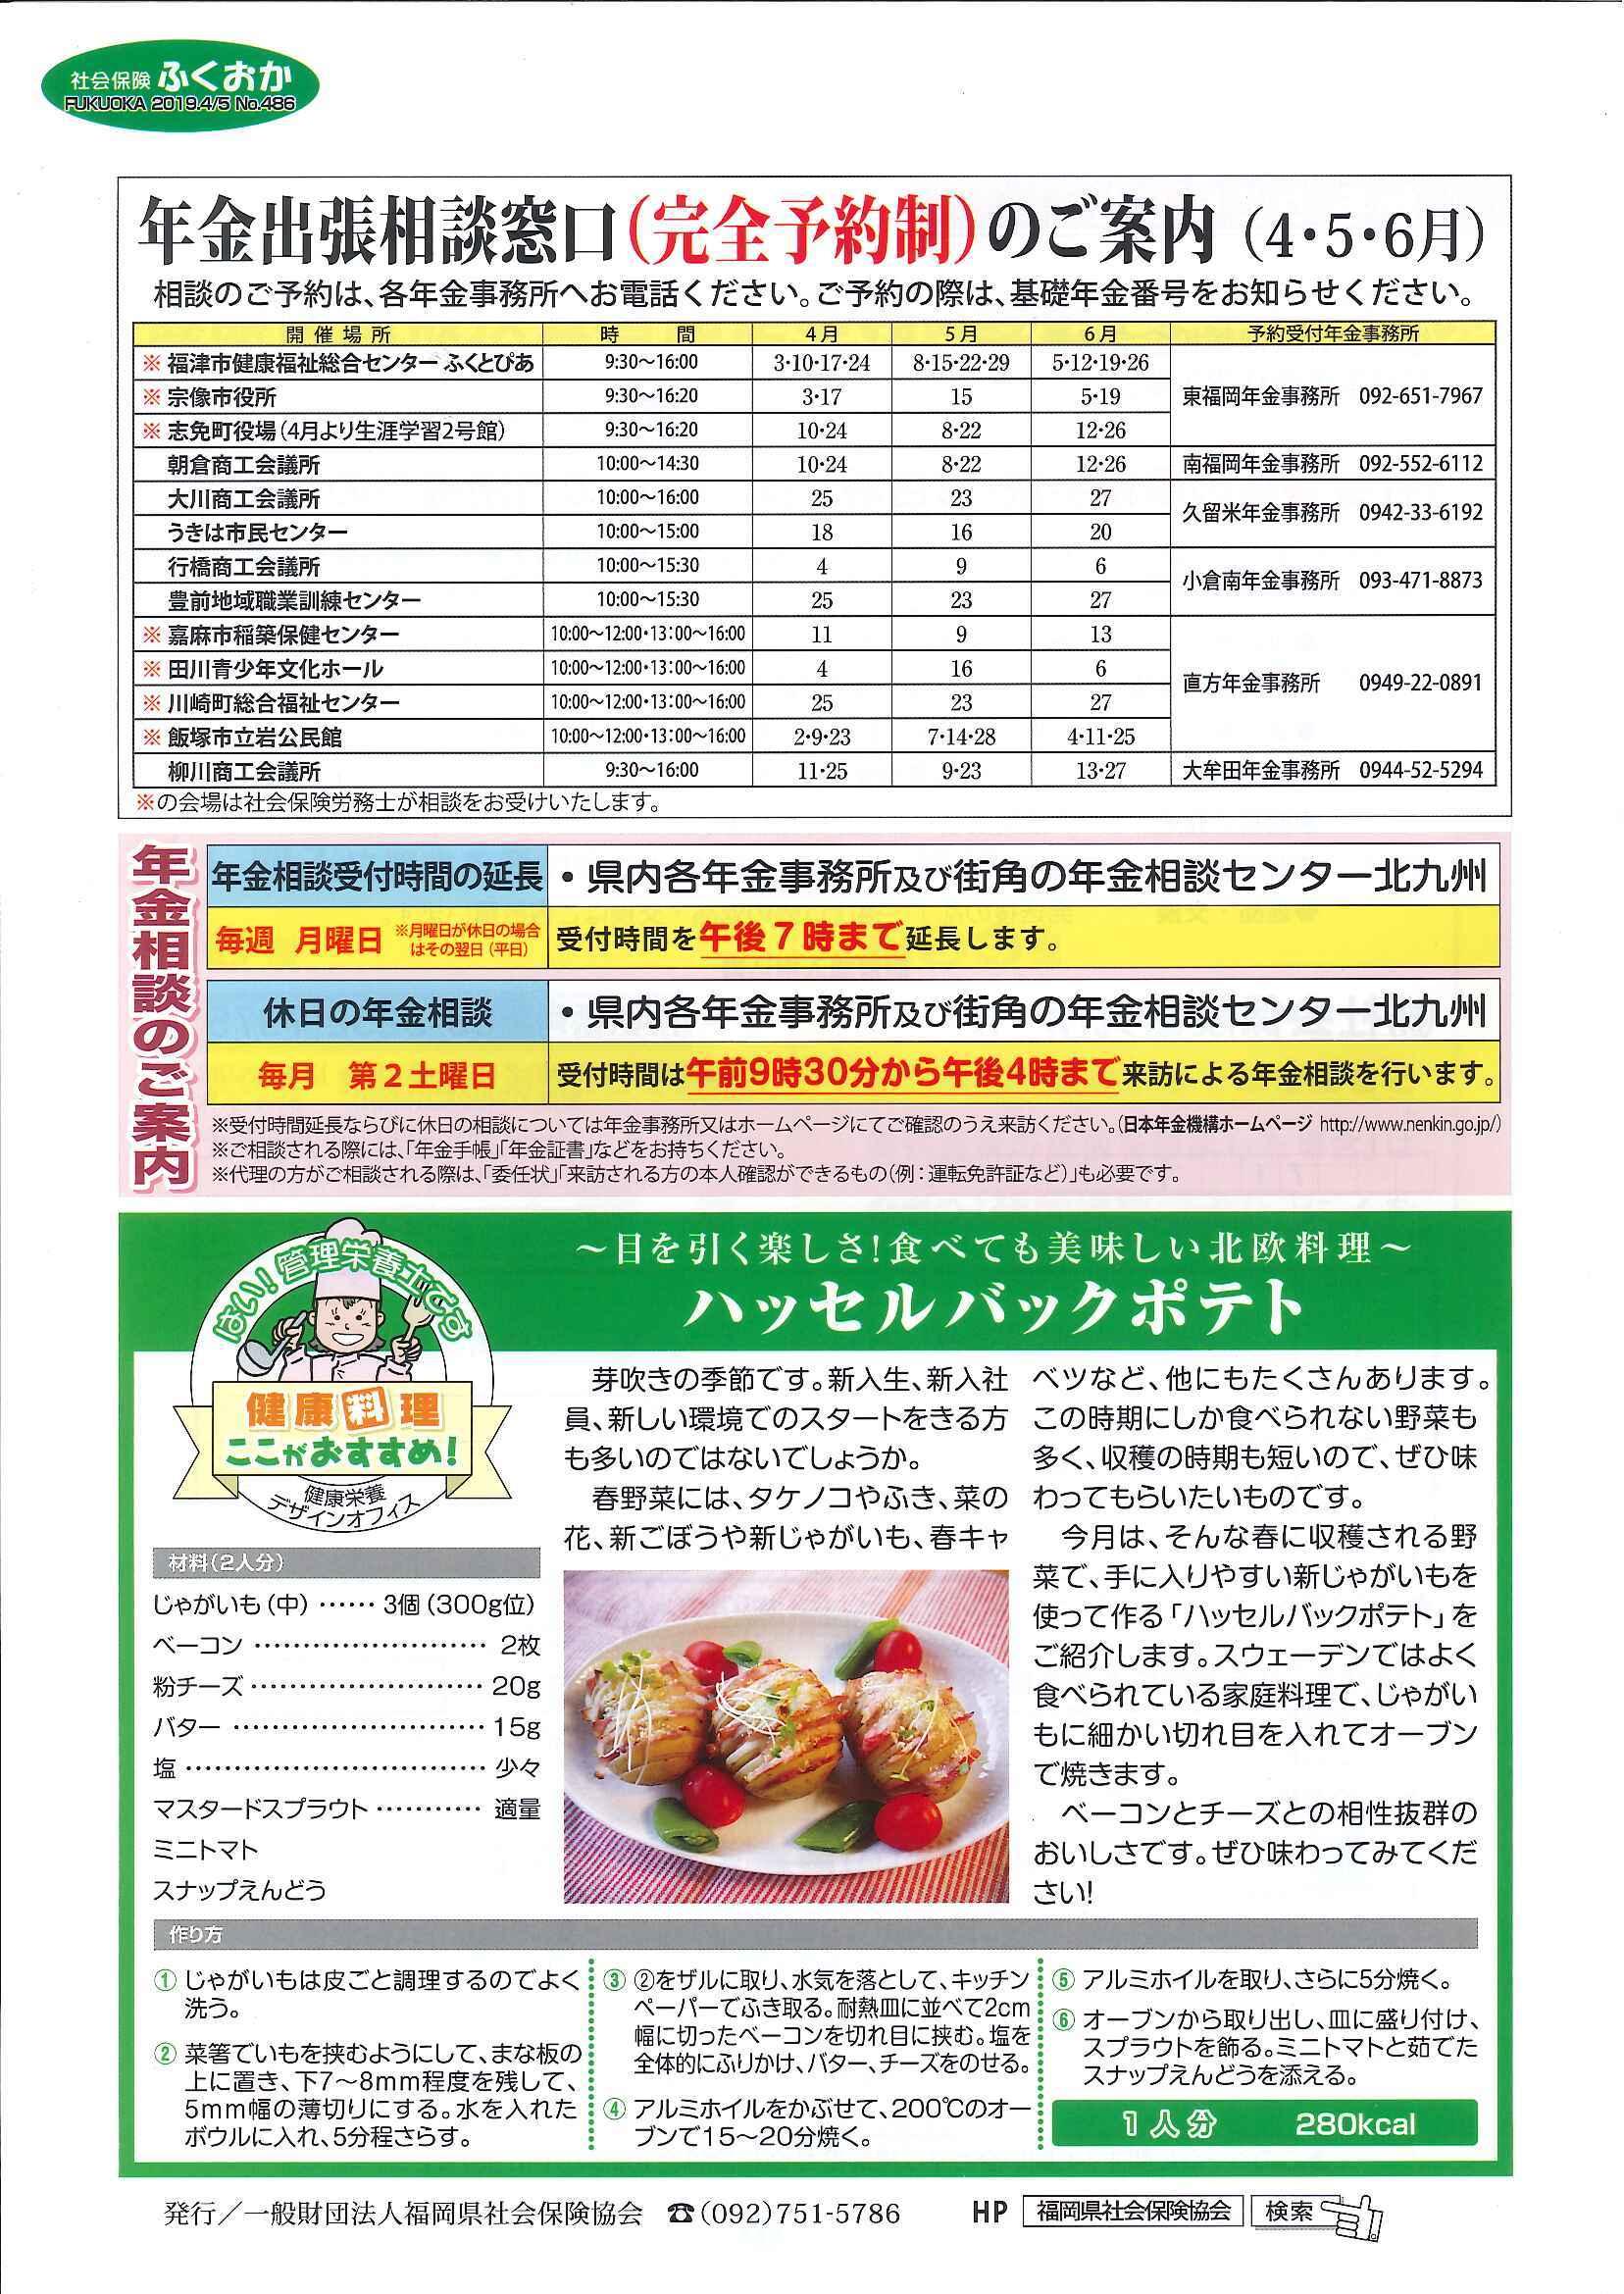 社会保険 ふくおか 2019年4・5月号_f0120774_15093081.jpg